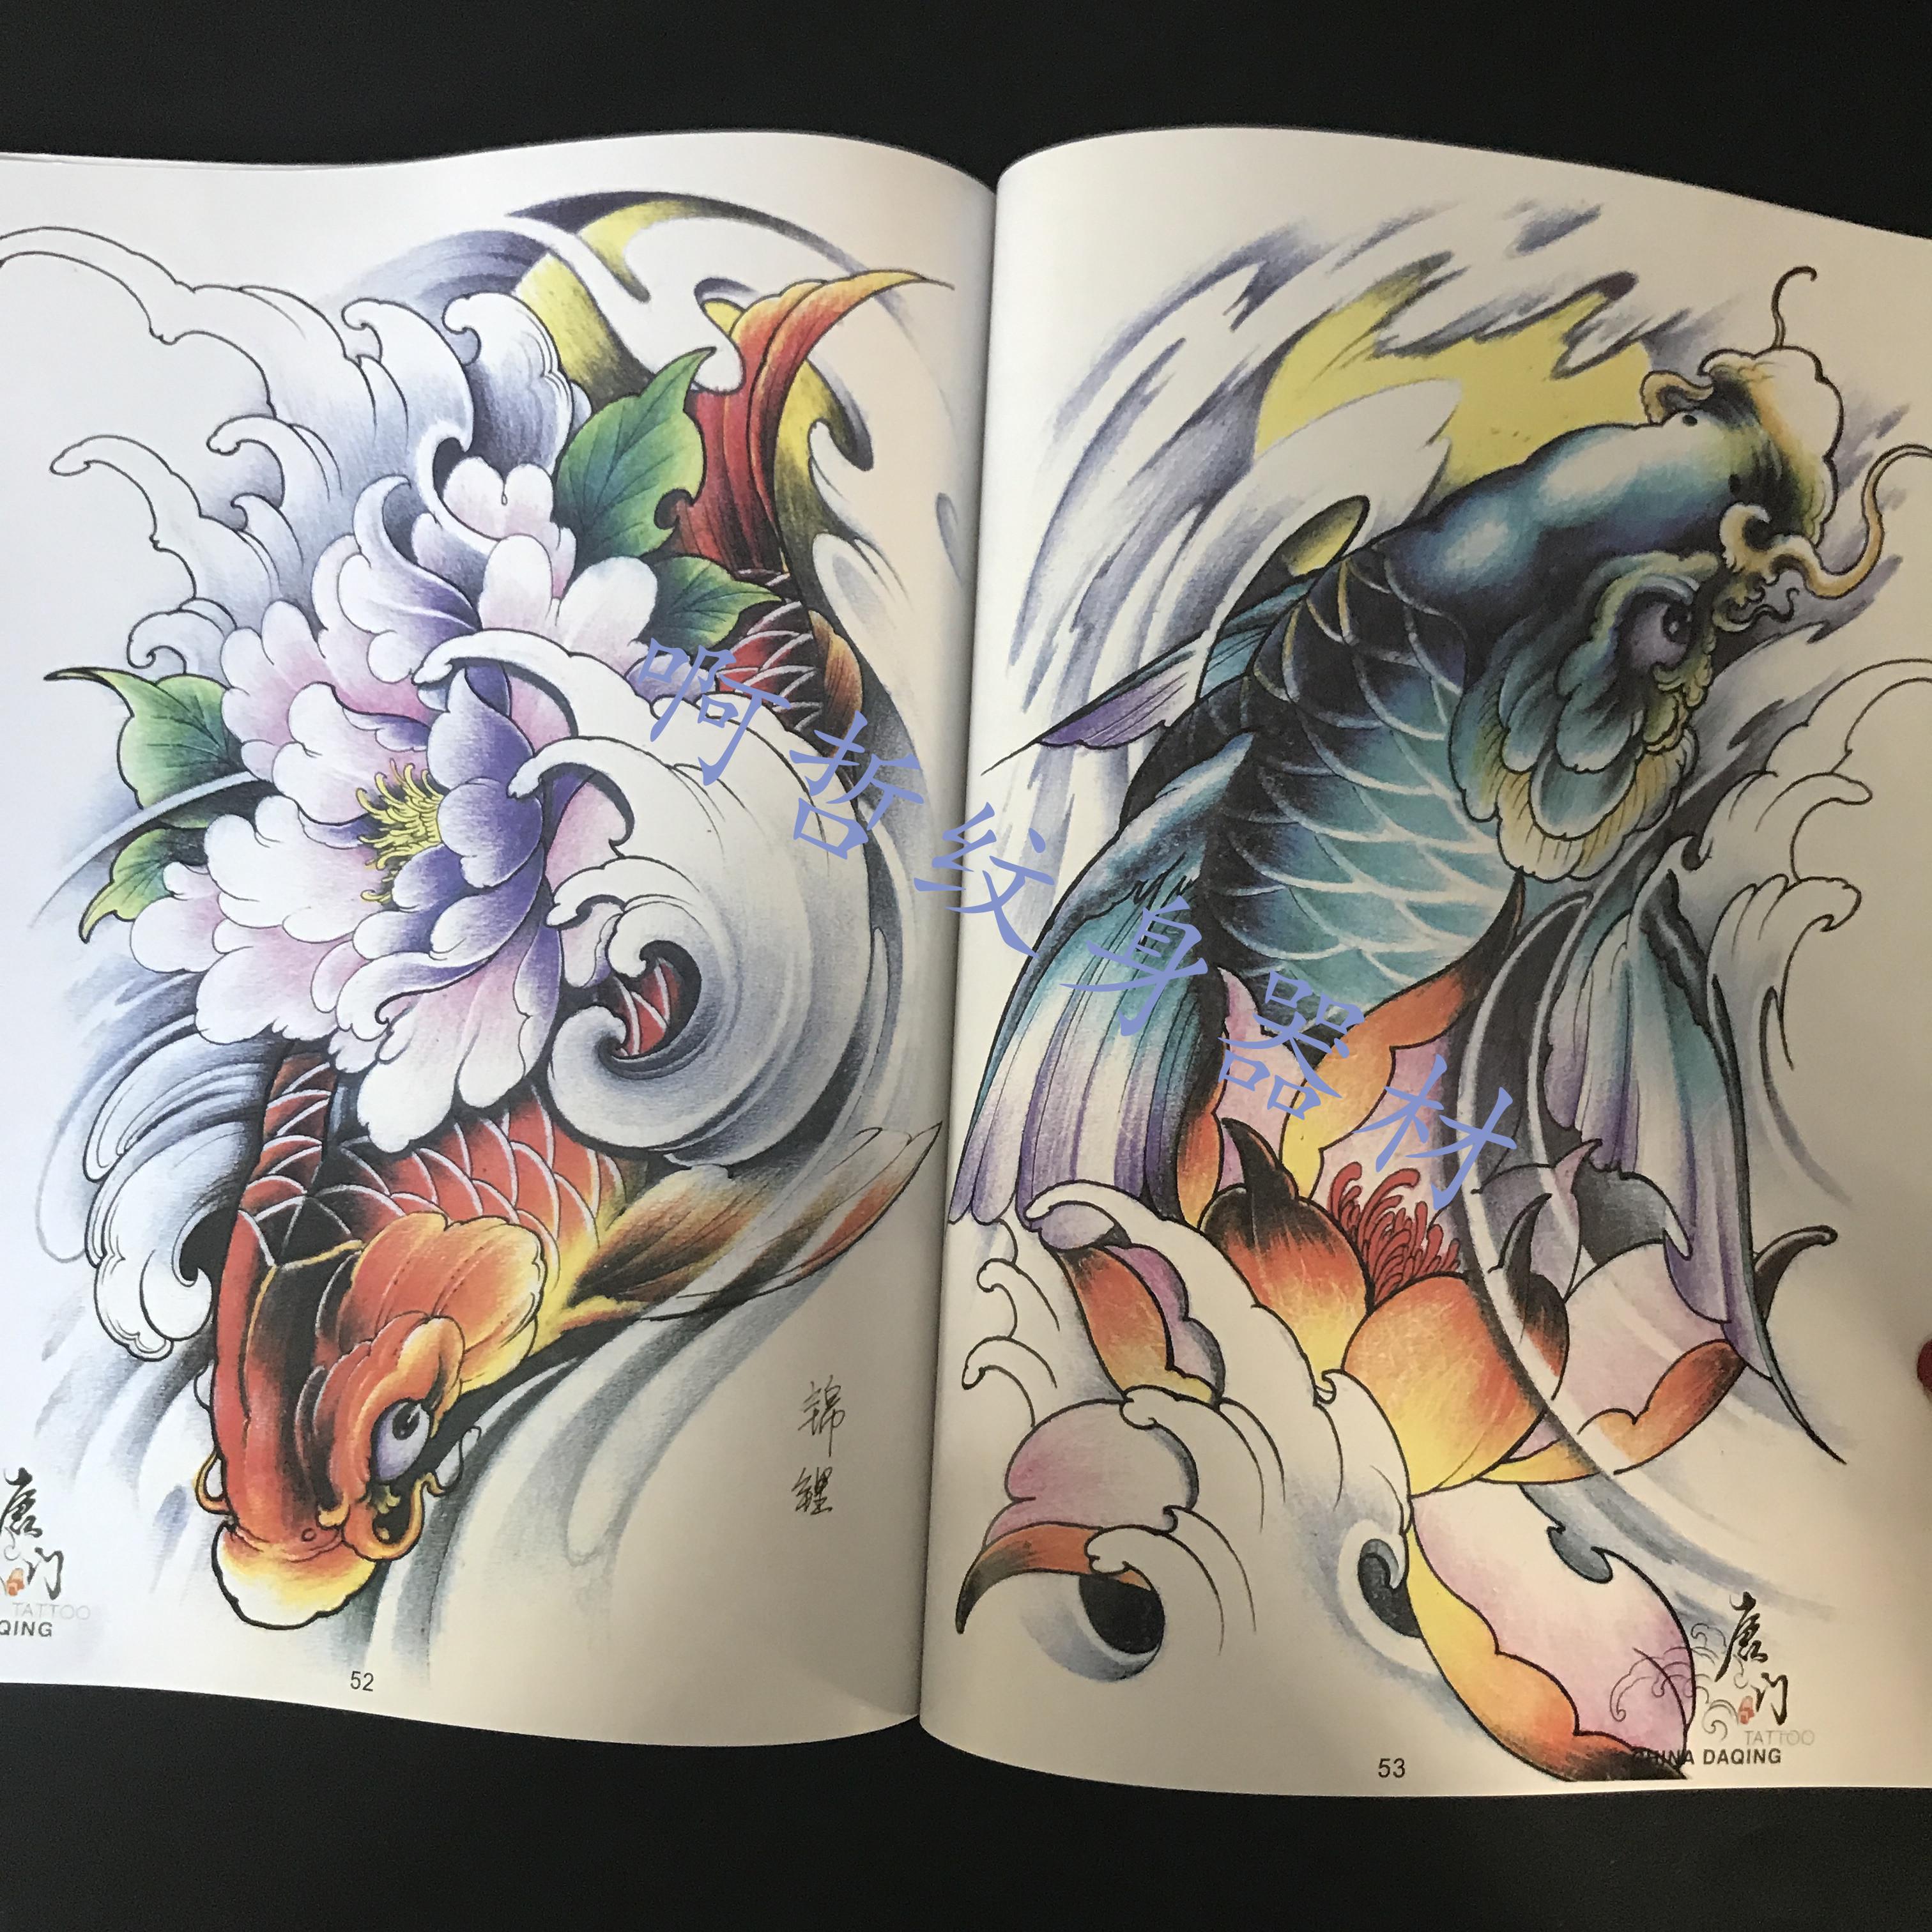 00 淘宝 华脉纹身手稿刺青书籍纹身图案神话人物满背大图哪吒李逵刑天